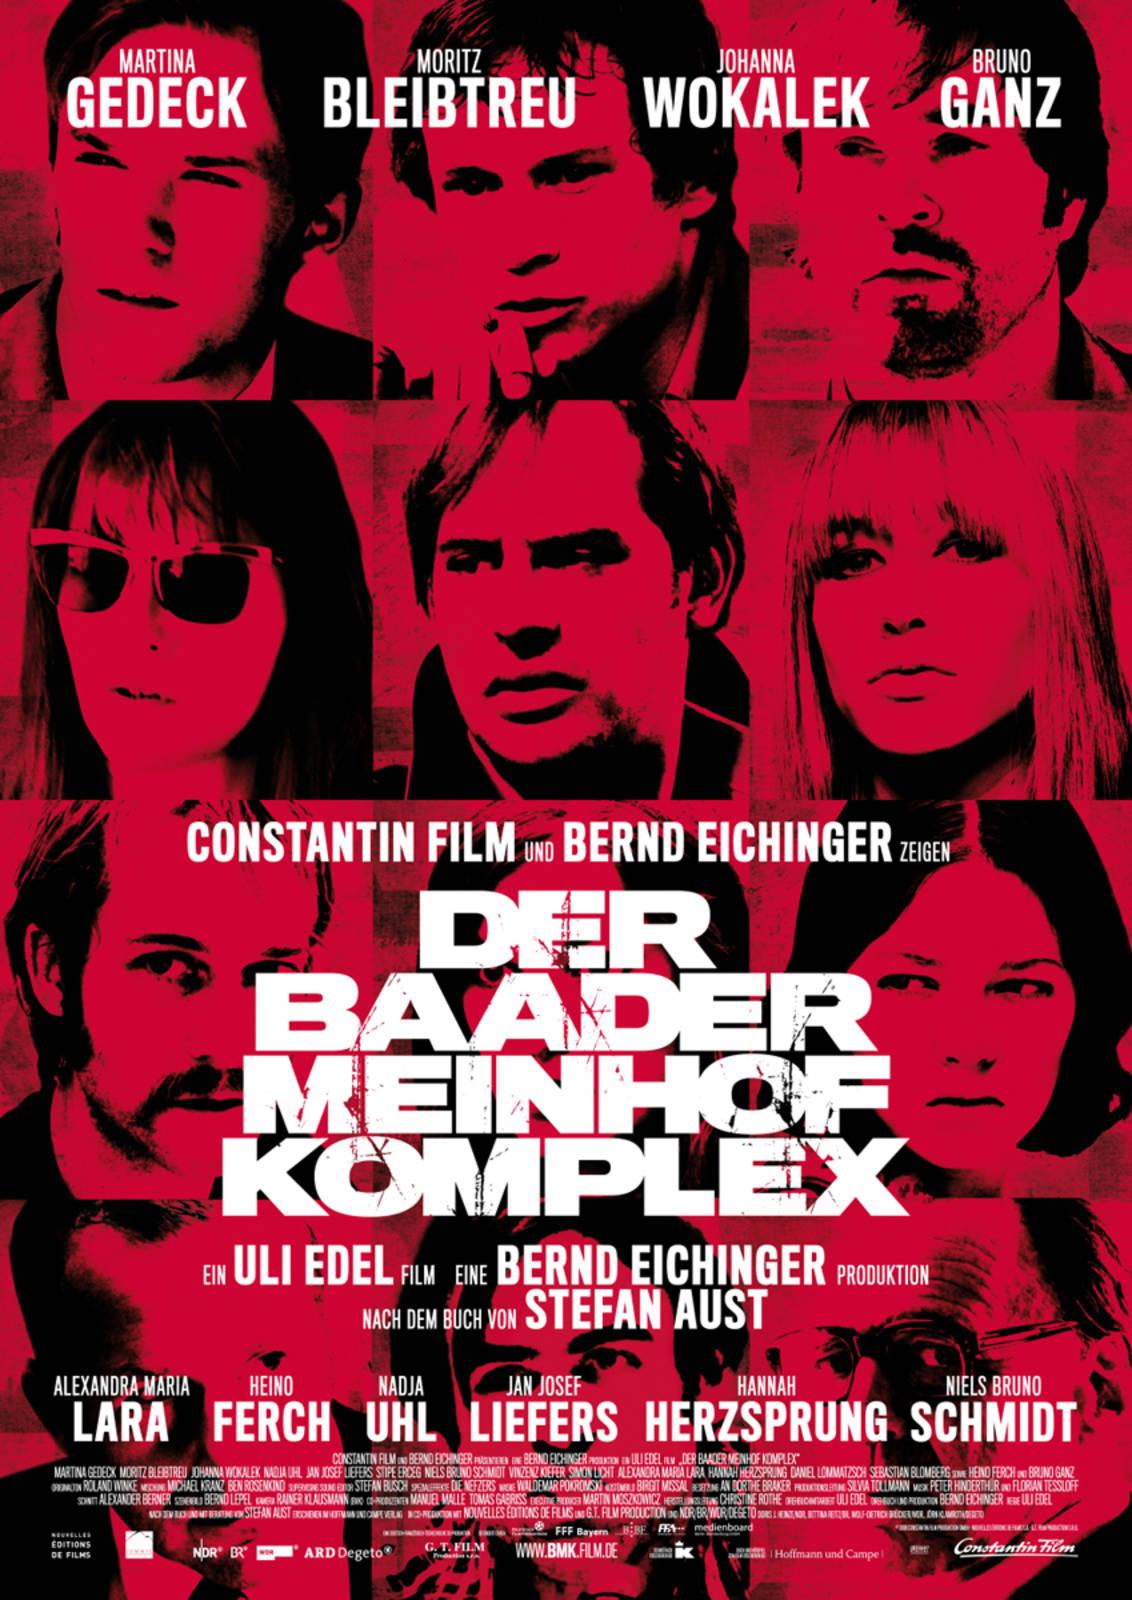 Baader Meinhof Komplex Film